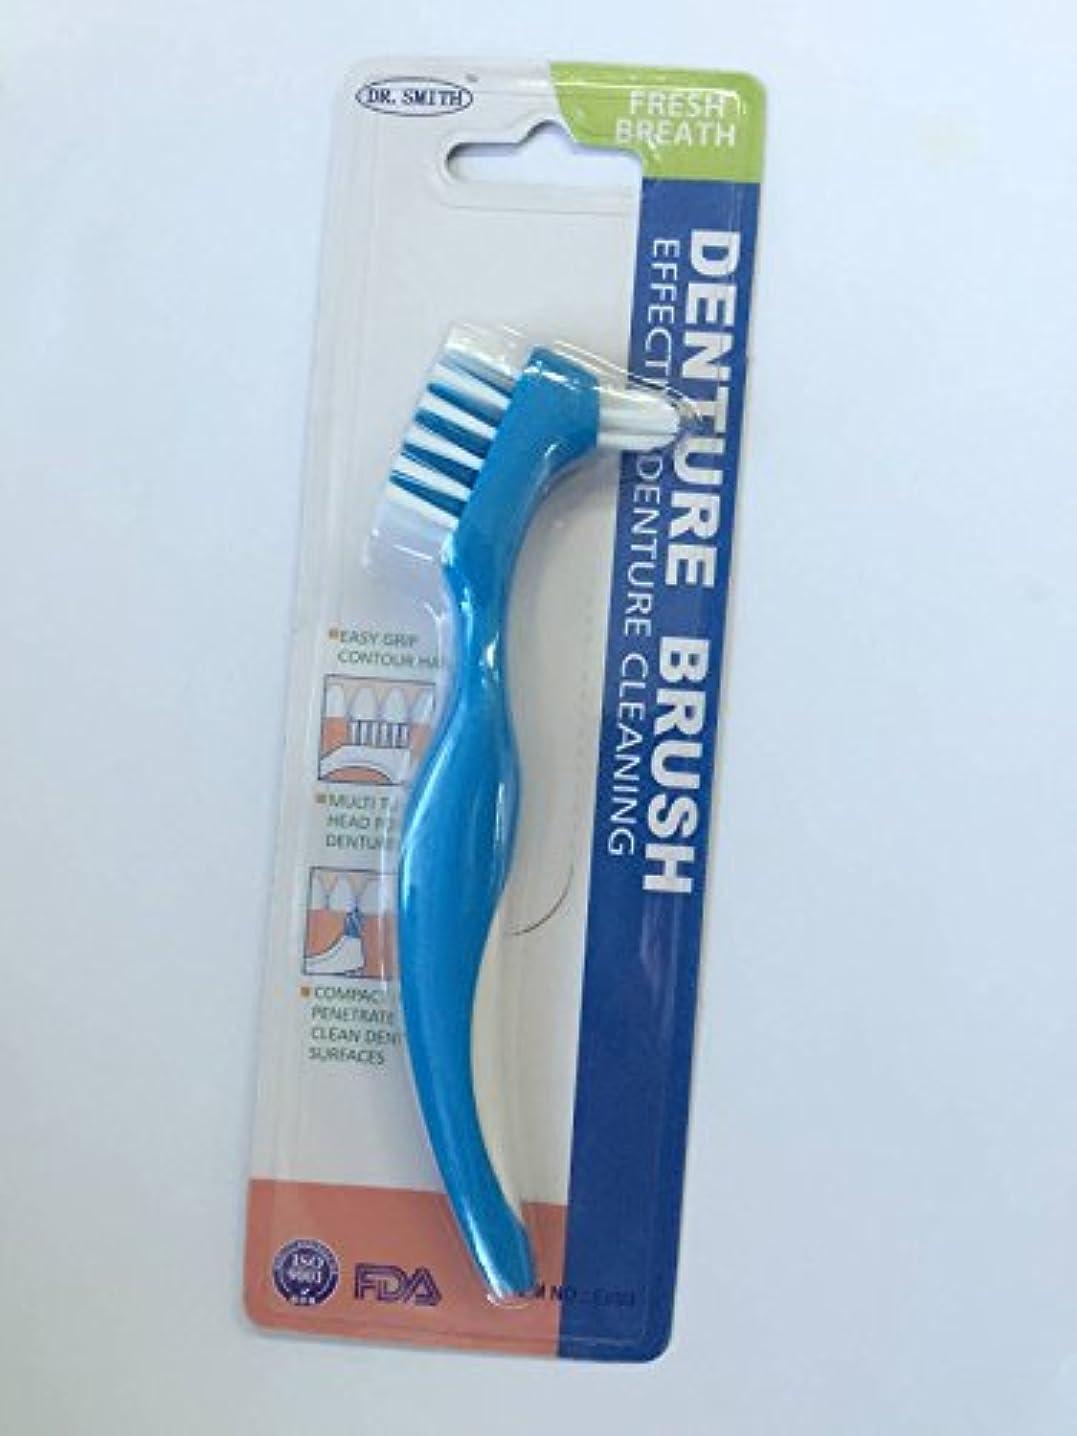 ライセンス政府リングレット義歯専用ブラシ 歯ブラシ デュアルブラシヘッドガムクリーナー